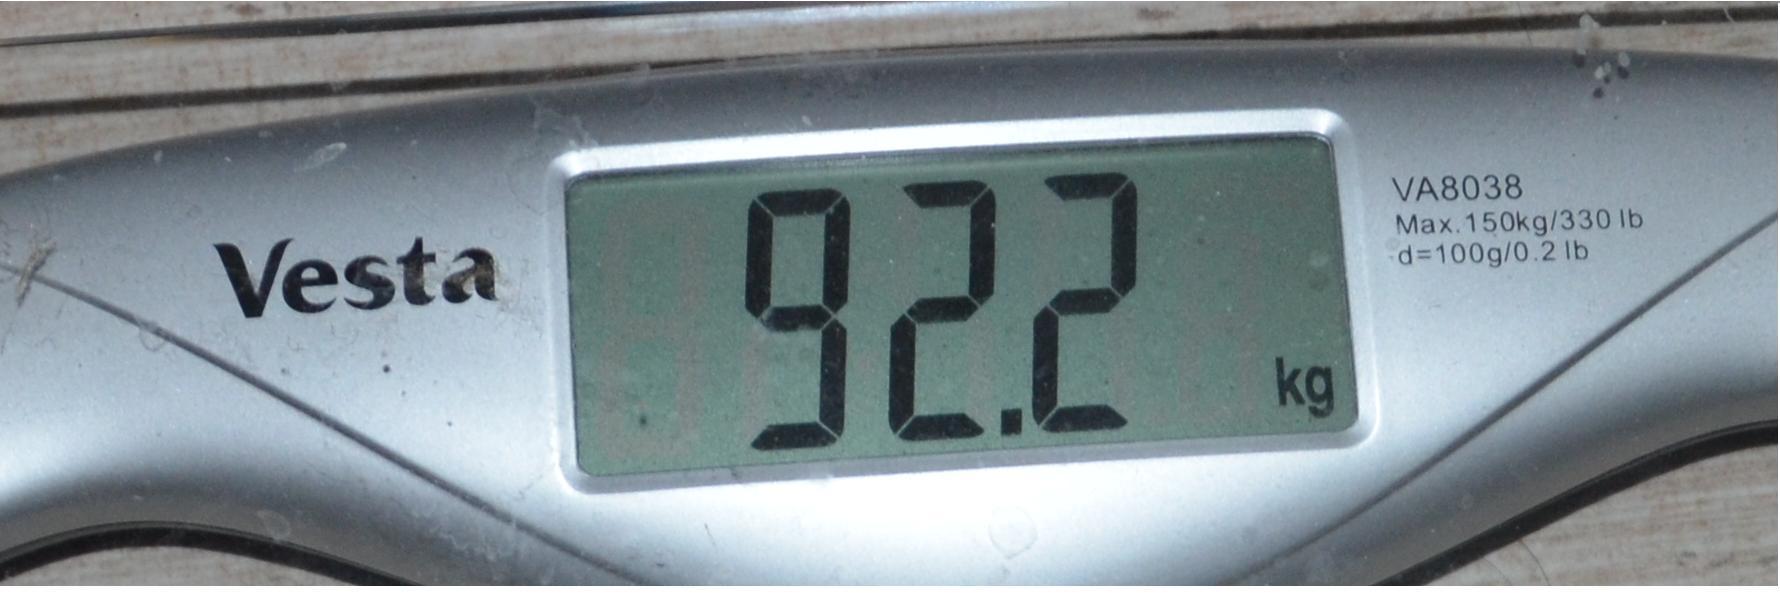 Нажмите на изображение для увеличения Название: 92.2.JPG Просмотров: 1 Размер:140.1 Кб ID:131160